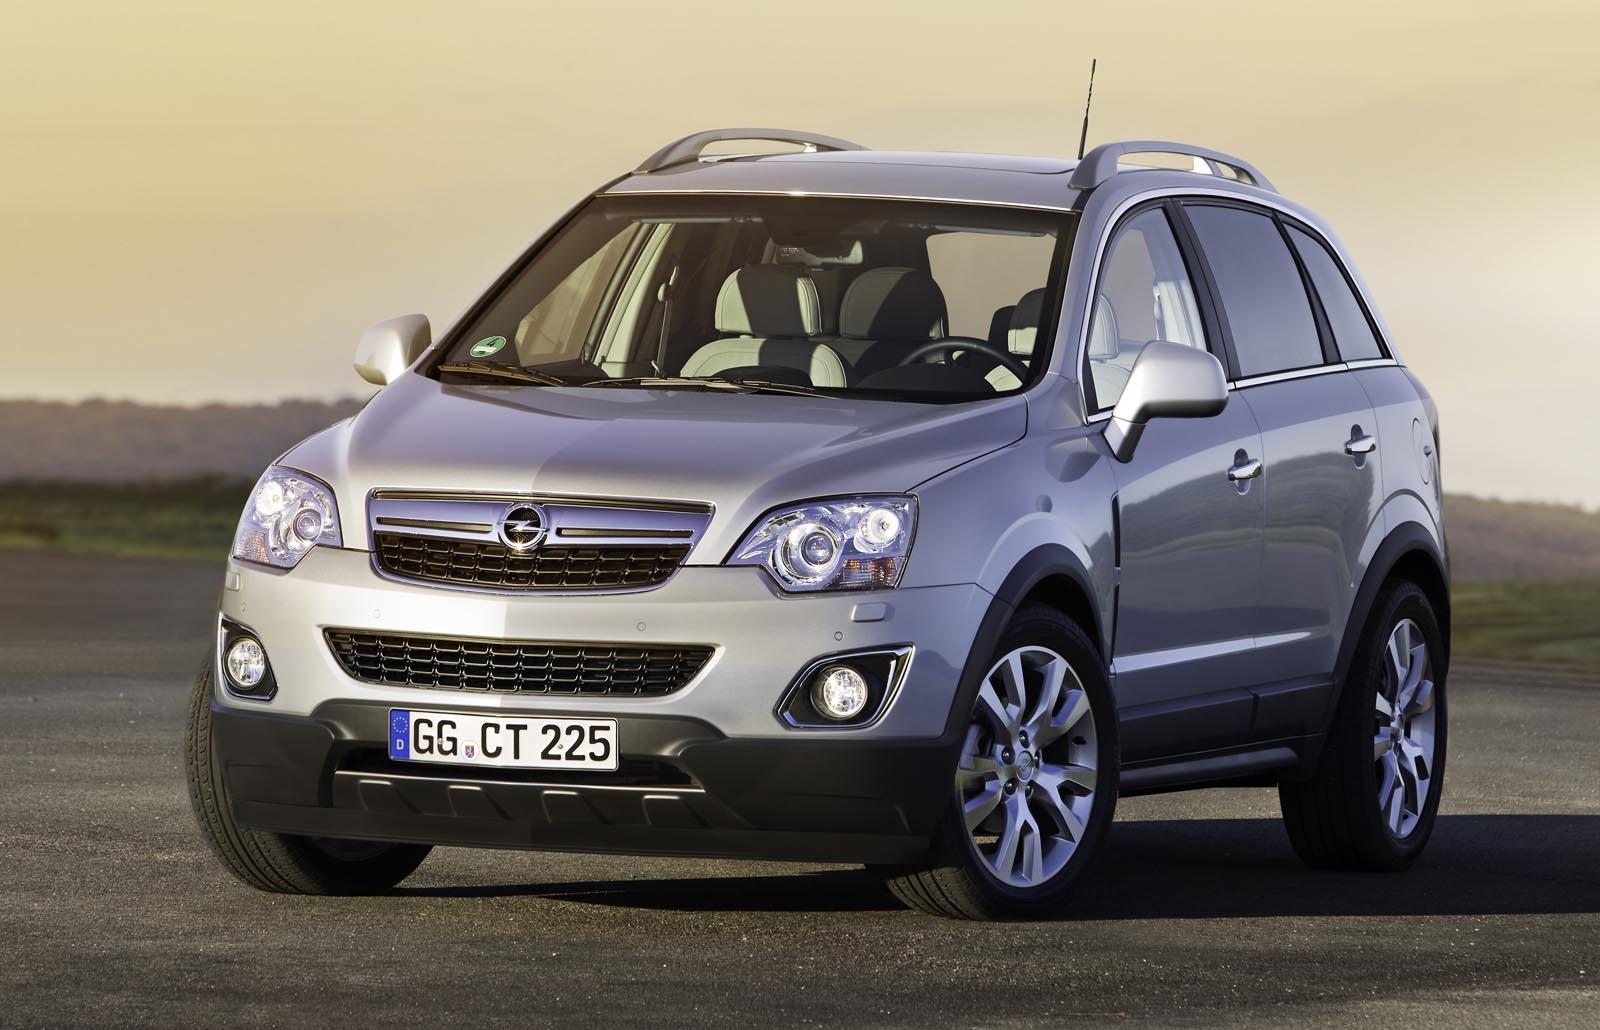 Opel Antara facelift aduce foarte putine modificari estetice. Grila noua imprima sobrietate